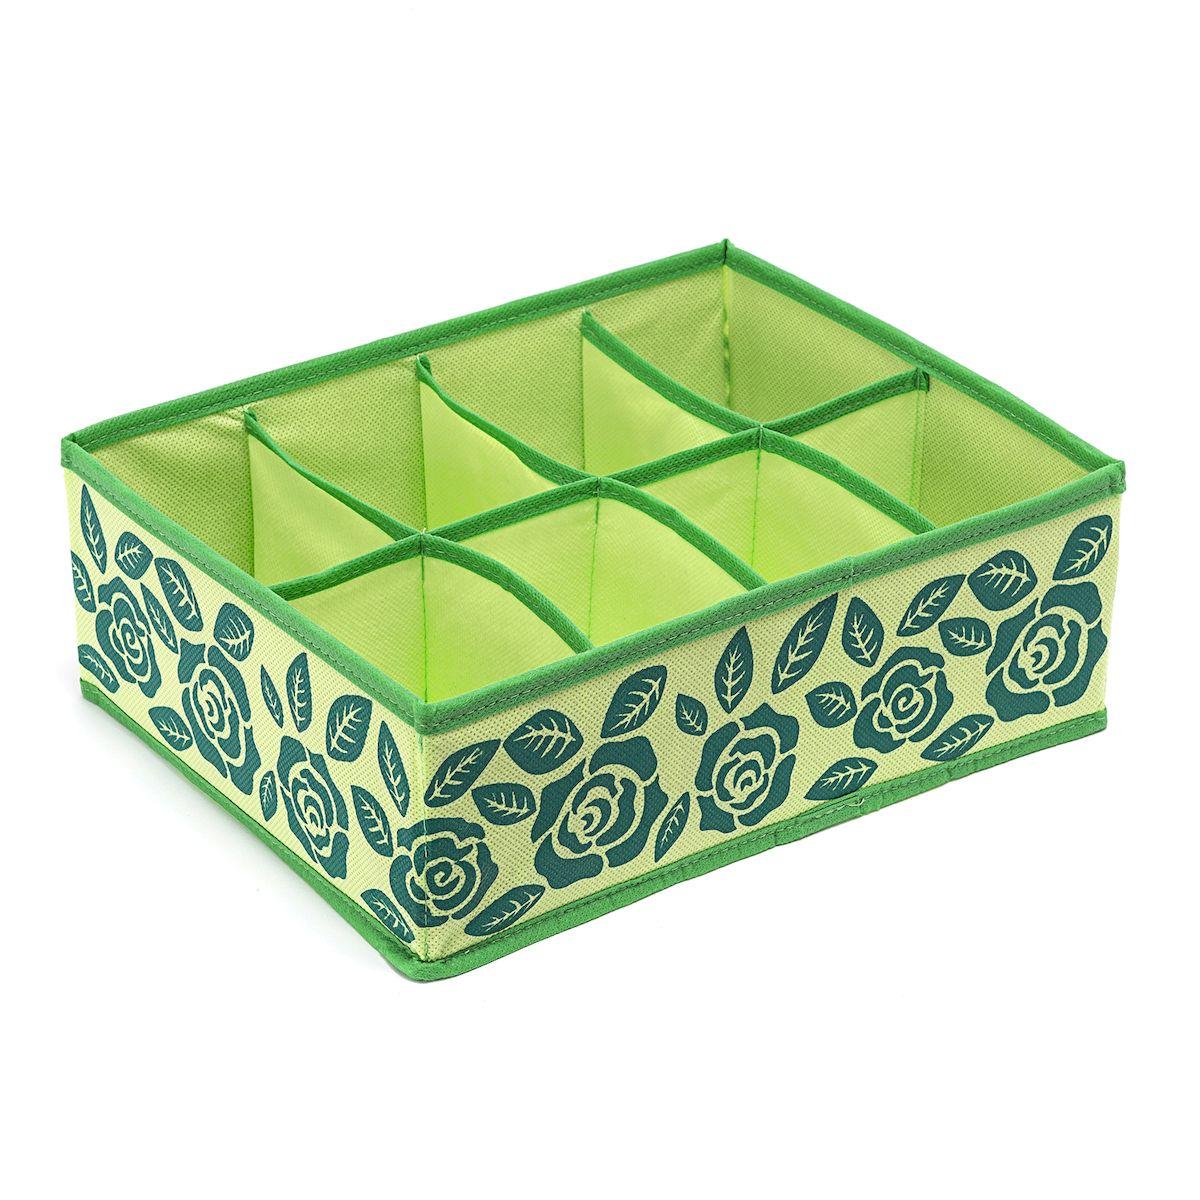 Органайзер для хранения Homsu Green Flower, 8 секций , 31 х 24 х 11 смHOM-380Компактный органайзер Homsu Green Flower изготовлен из высококачественного полиэстера, который обеспечивает естественную вентиляцию. Материал позволяет воздуху свободно проникать внутрь, но не пропускает пыль. Органайзер отлично держит форму, благодаря вставкам из плотного картона. Изделие имеет 8 секций для хранения нижнего белья, колготок, носков и другой одежды. Такой органайзер позволит вам хранить вещи компактно и удобно.